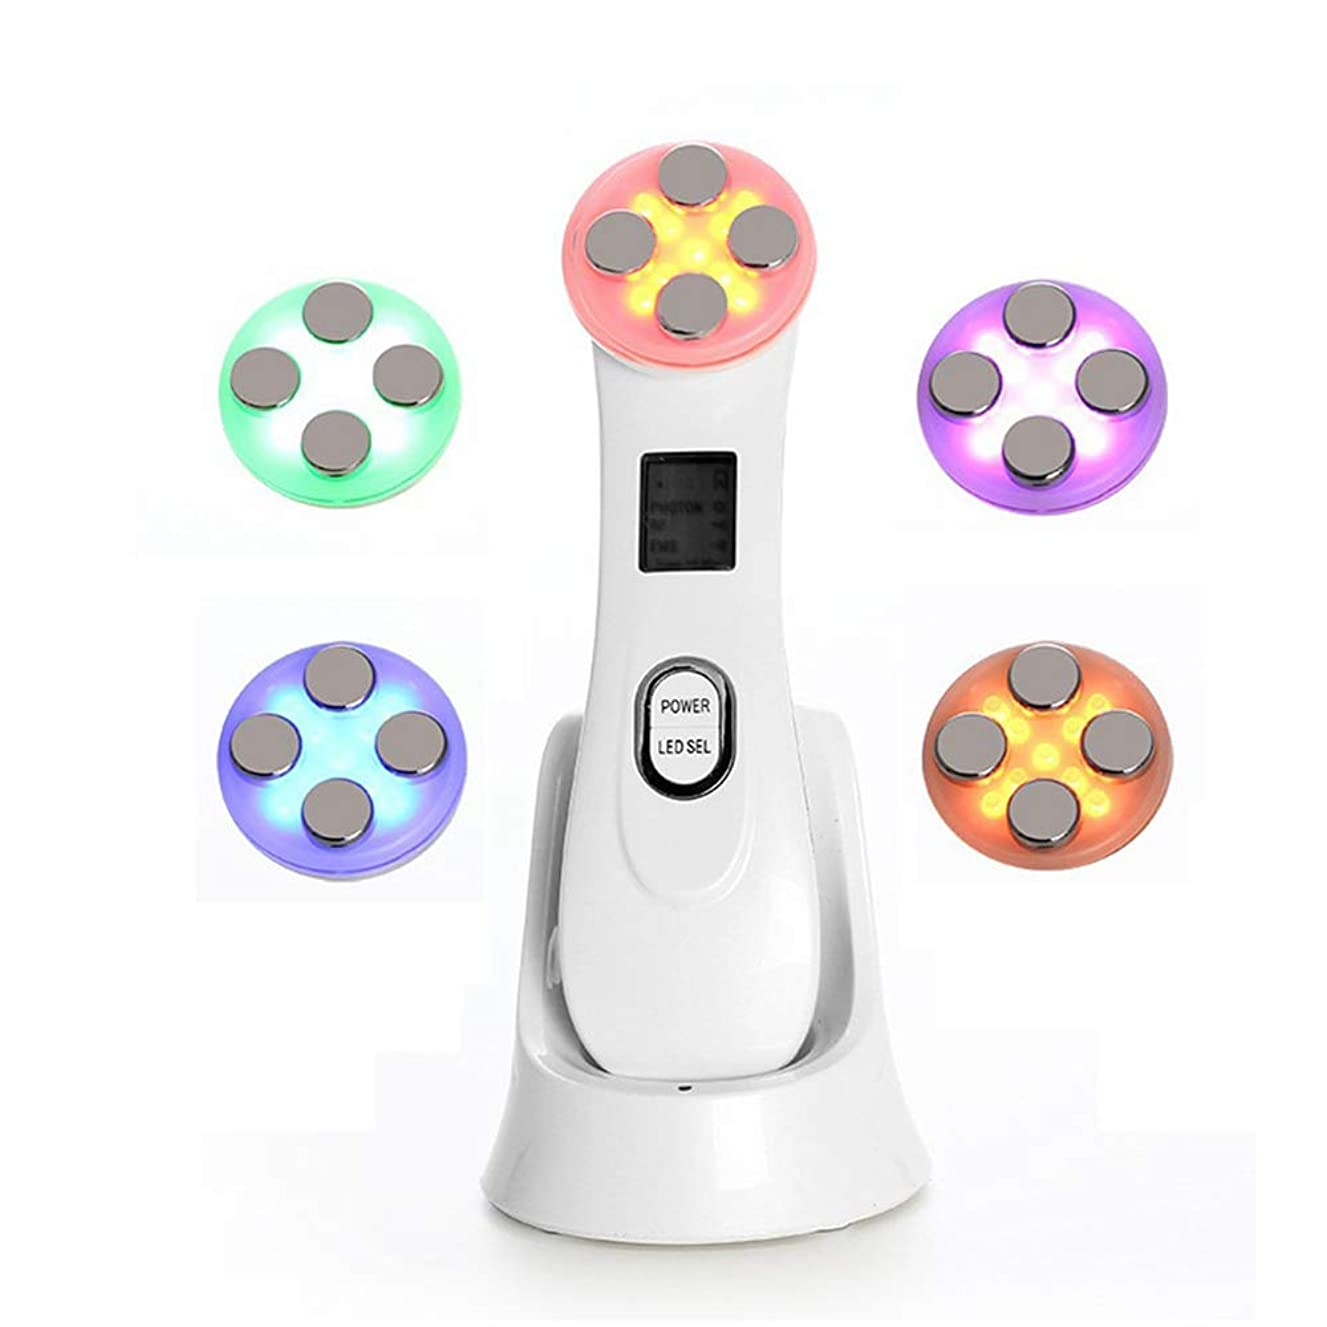 実行する拒否レッスンアメリカのプラスチック機器EMSエレクトロポレーションRF美容機器LED肌色光剥離機美容機器